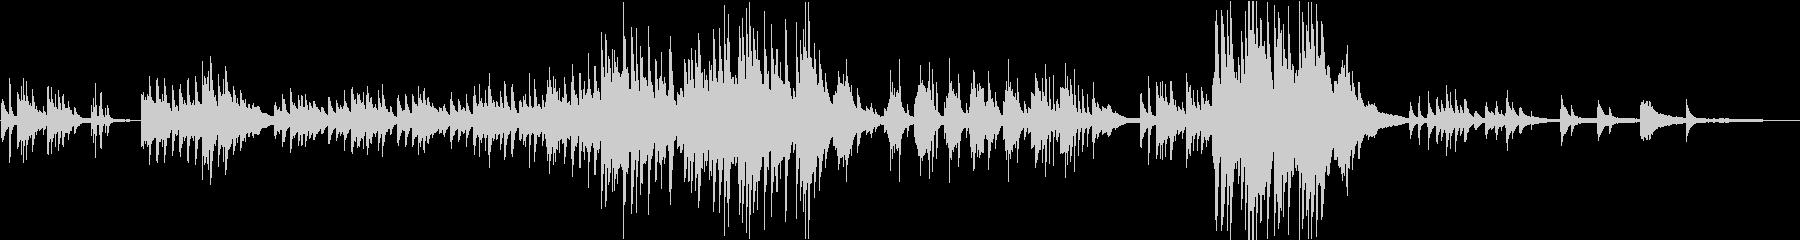 「エンディング向け」切ないピアノソロの未再生の波形